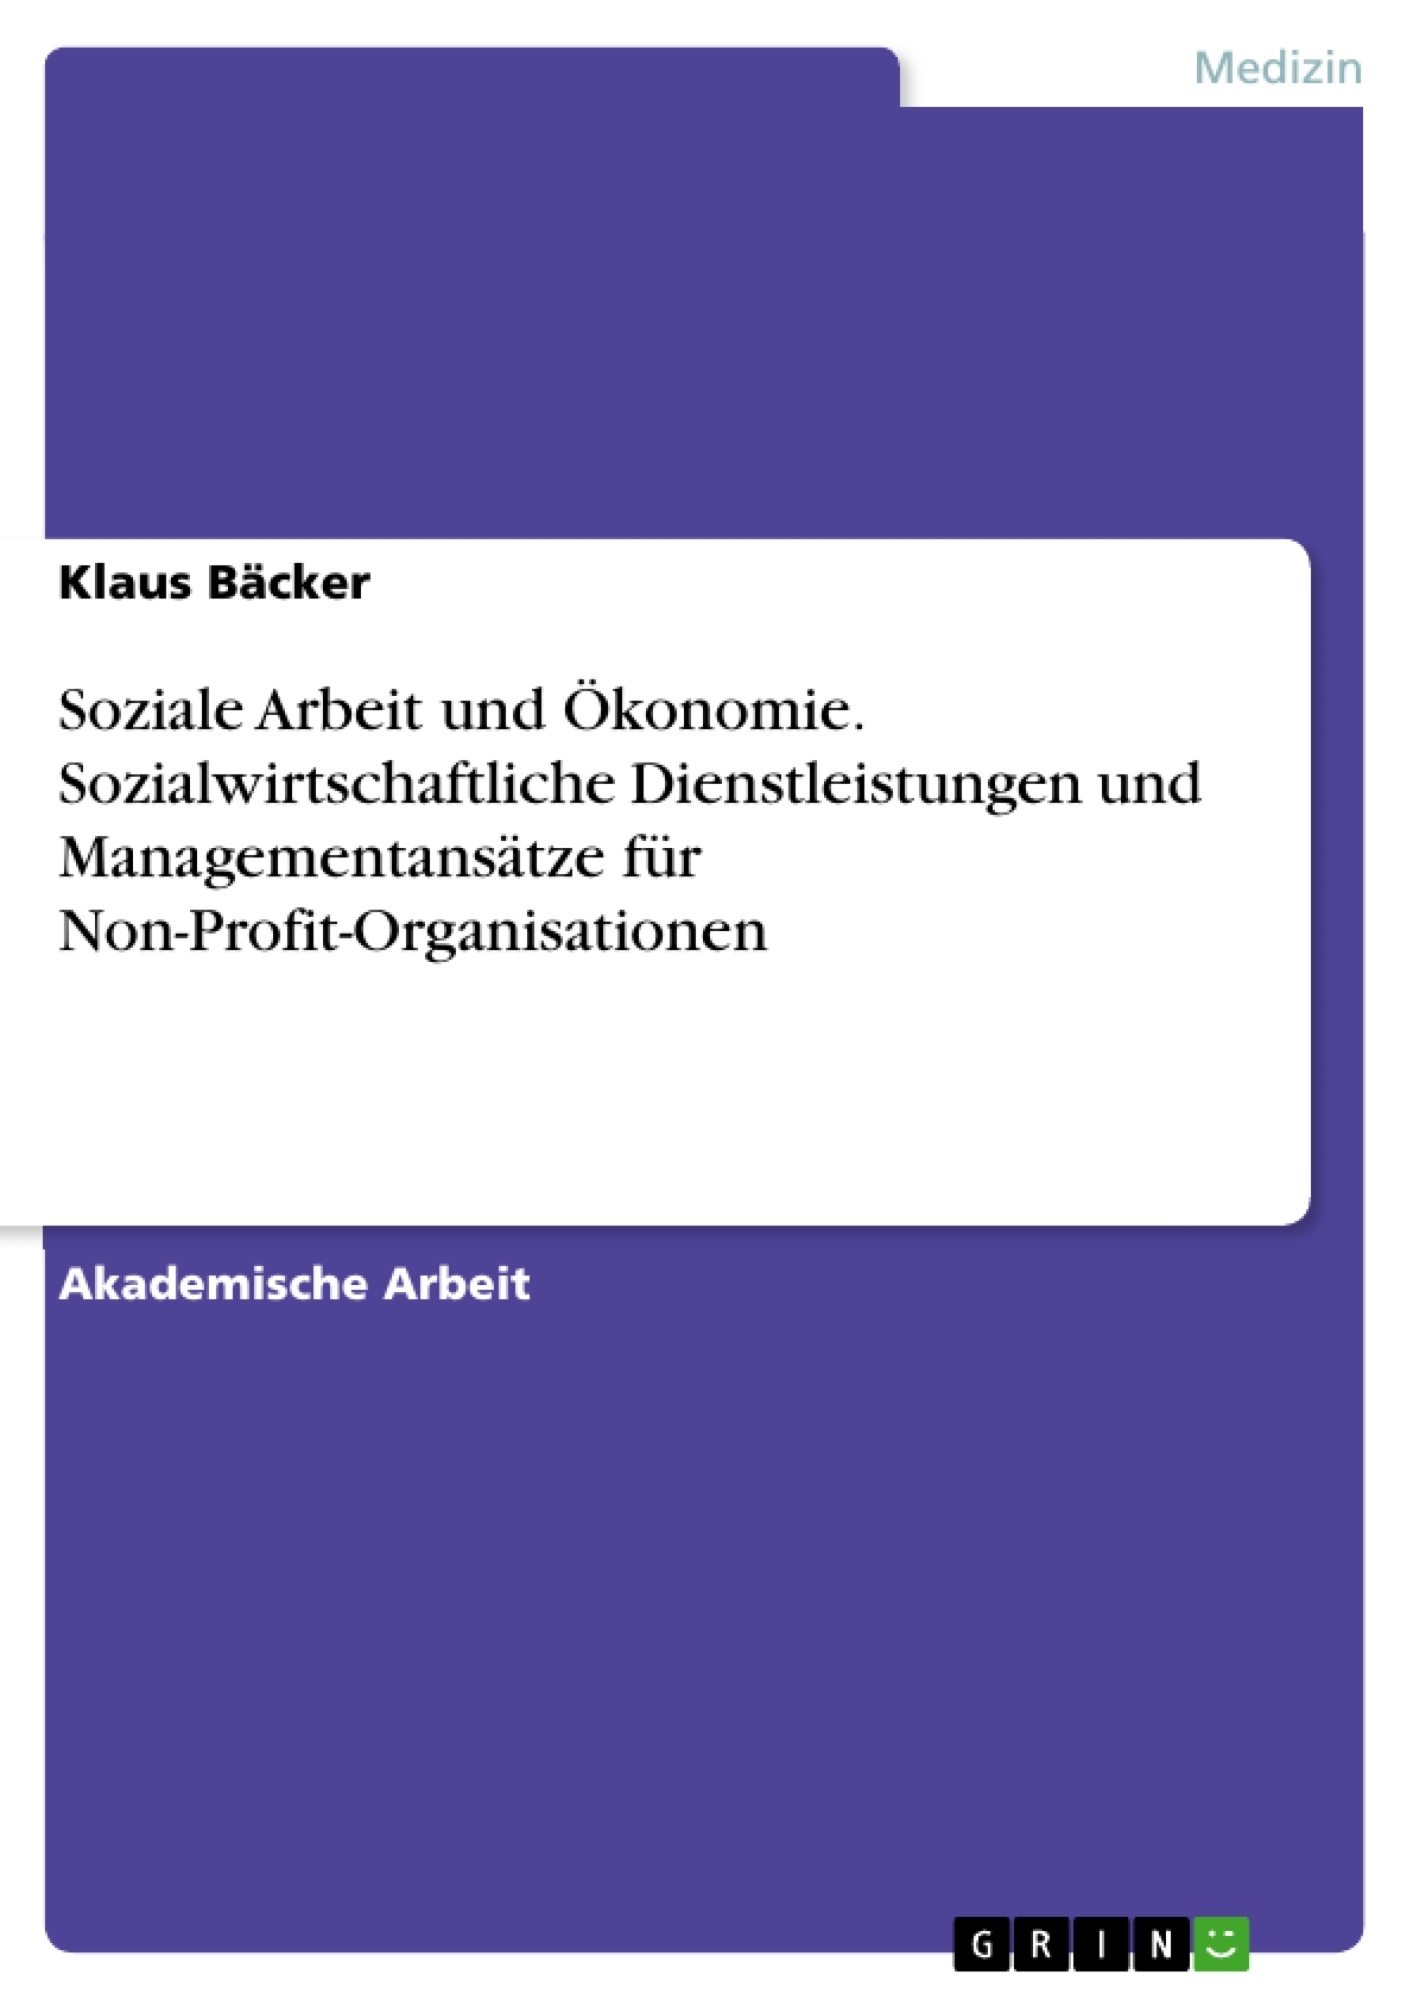 Titel: Soziale Arbeit und Ökonomie. Sozialwirtschaftliche Dienstleistungen und Managementansätze für Non-Profit-Organisationen